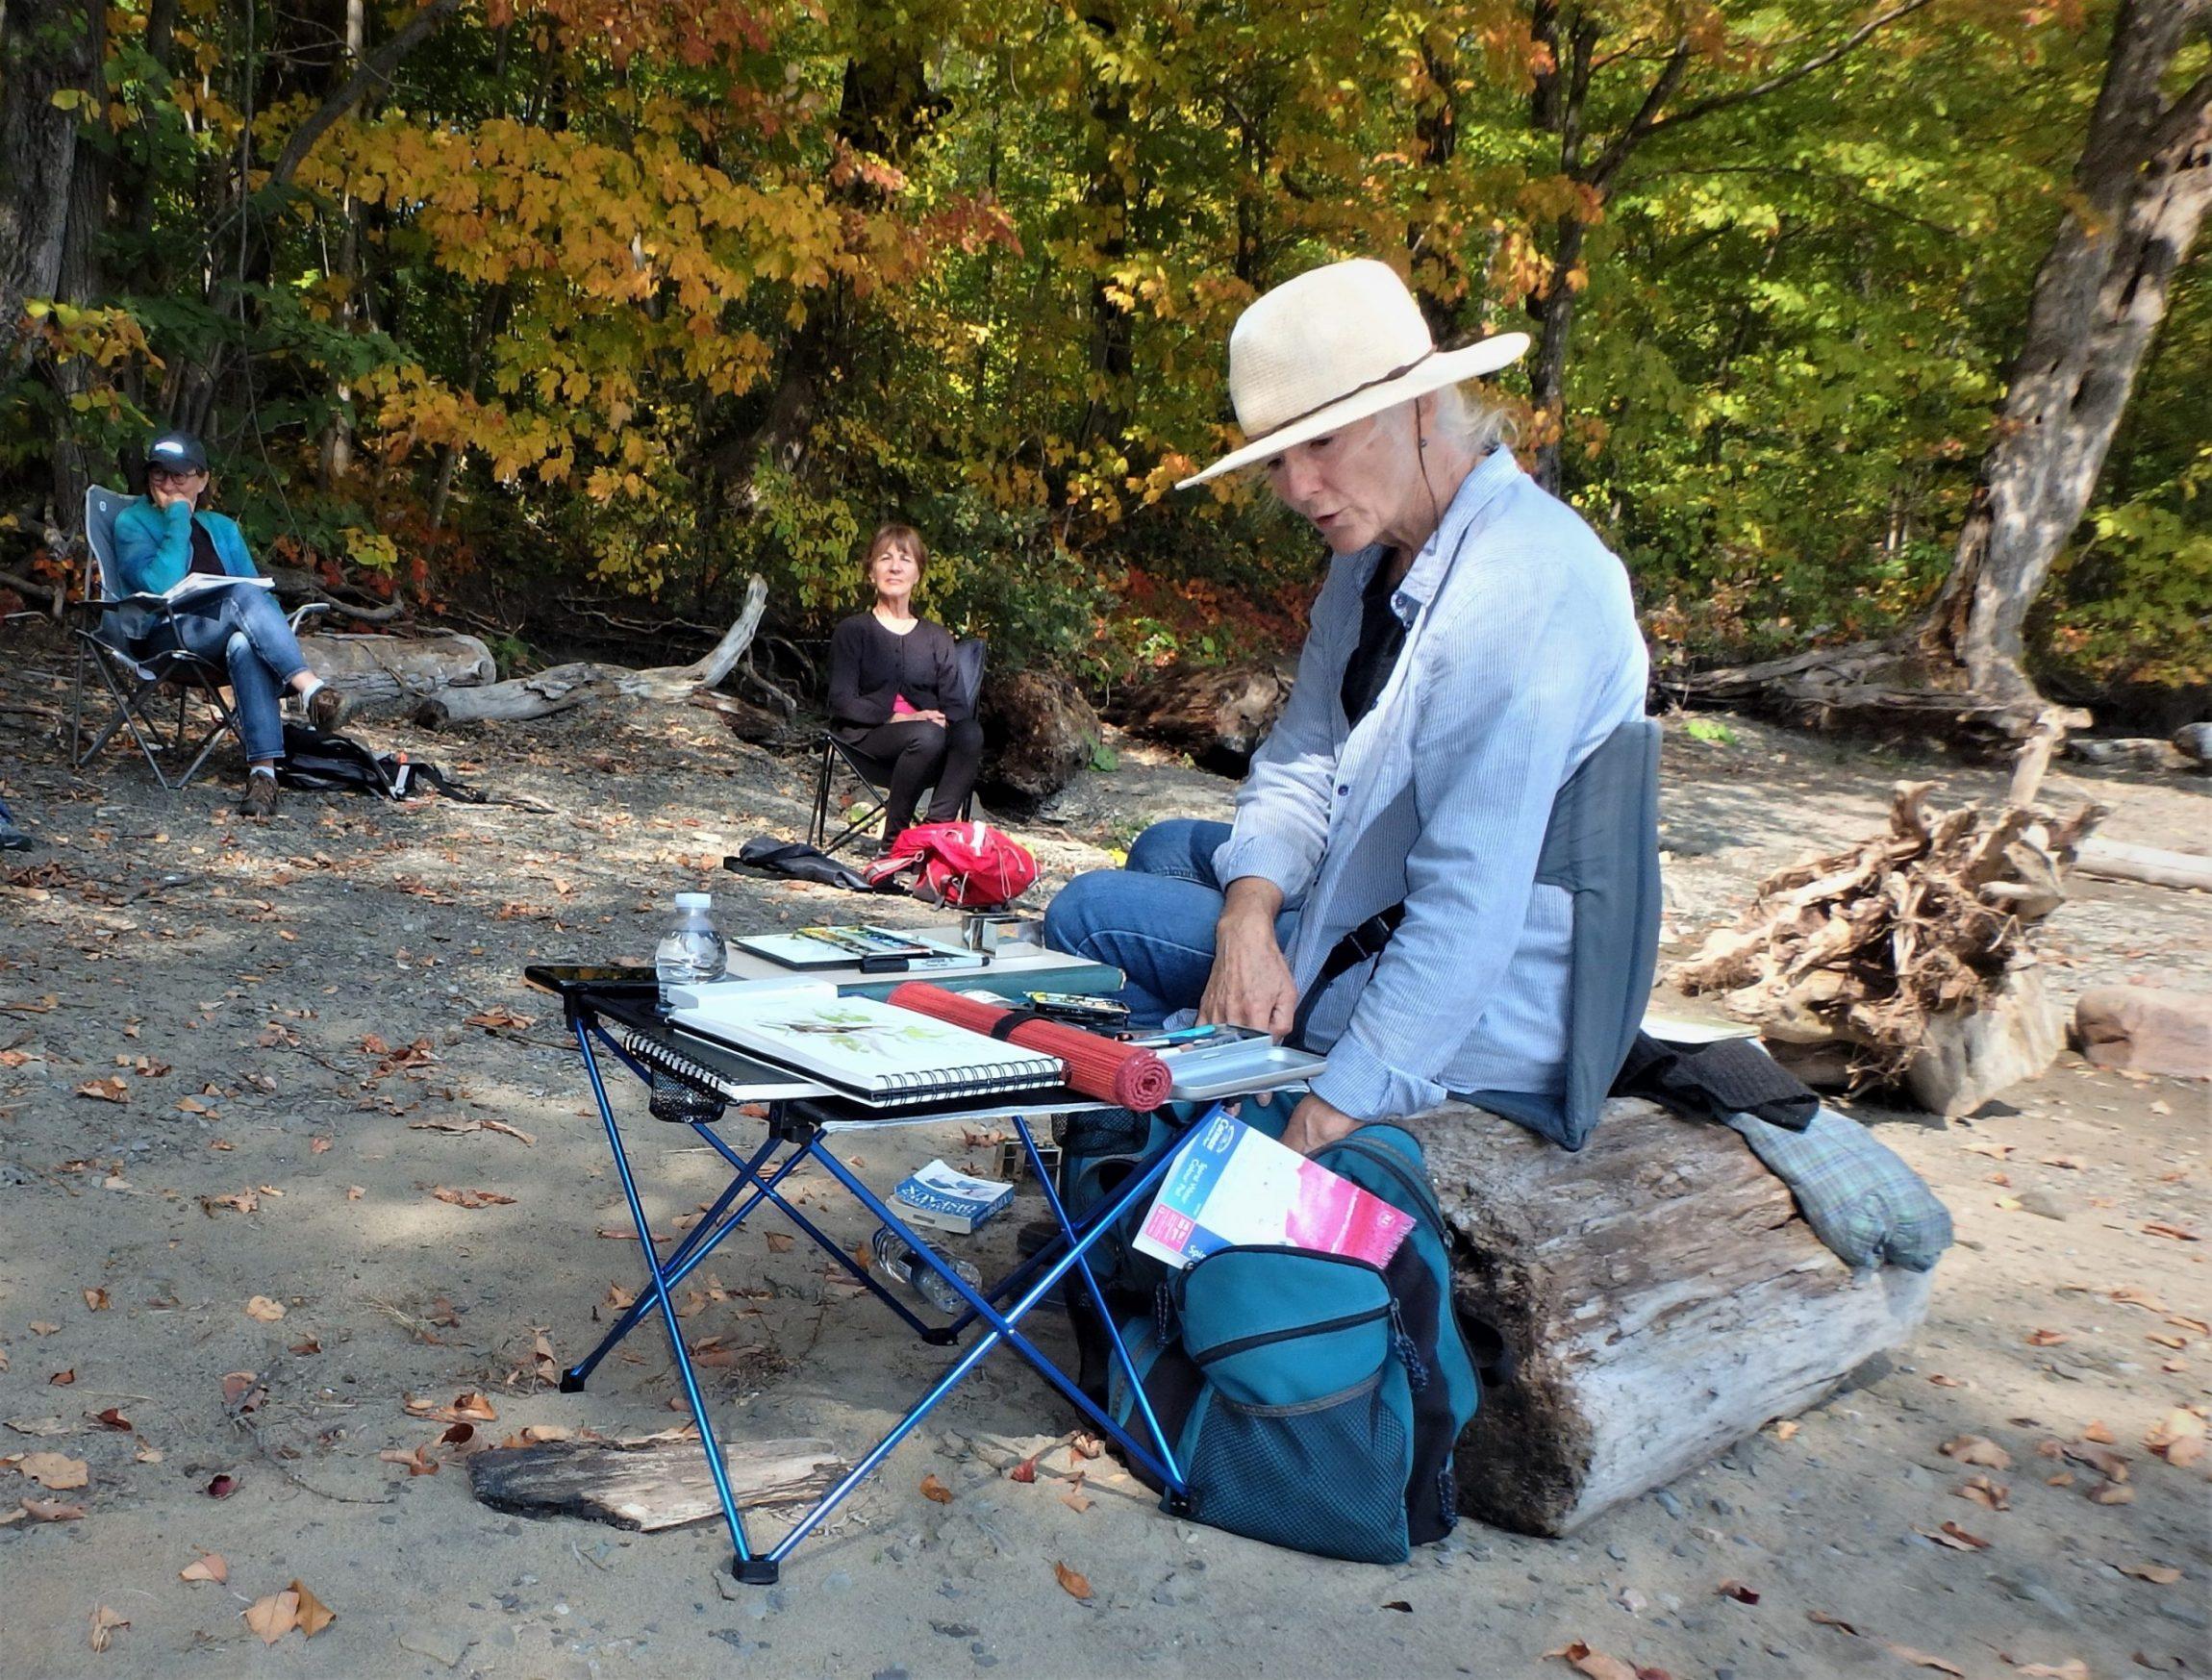 Johanne est une aquarelliste, en plus d'être autrice, passionnée de nature. C'est dans un décor enchanteur de la rive sablonneuse du fleuve Saint-Laurent, à la réserve naturelle du Marais-Léon-Provancher, qu'elle a offert cette séance d'initiation à l'aquarelle, le 26 septembre 2020.